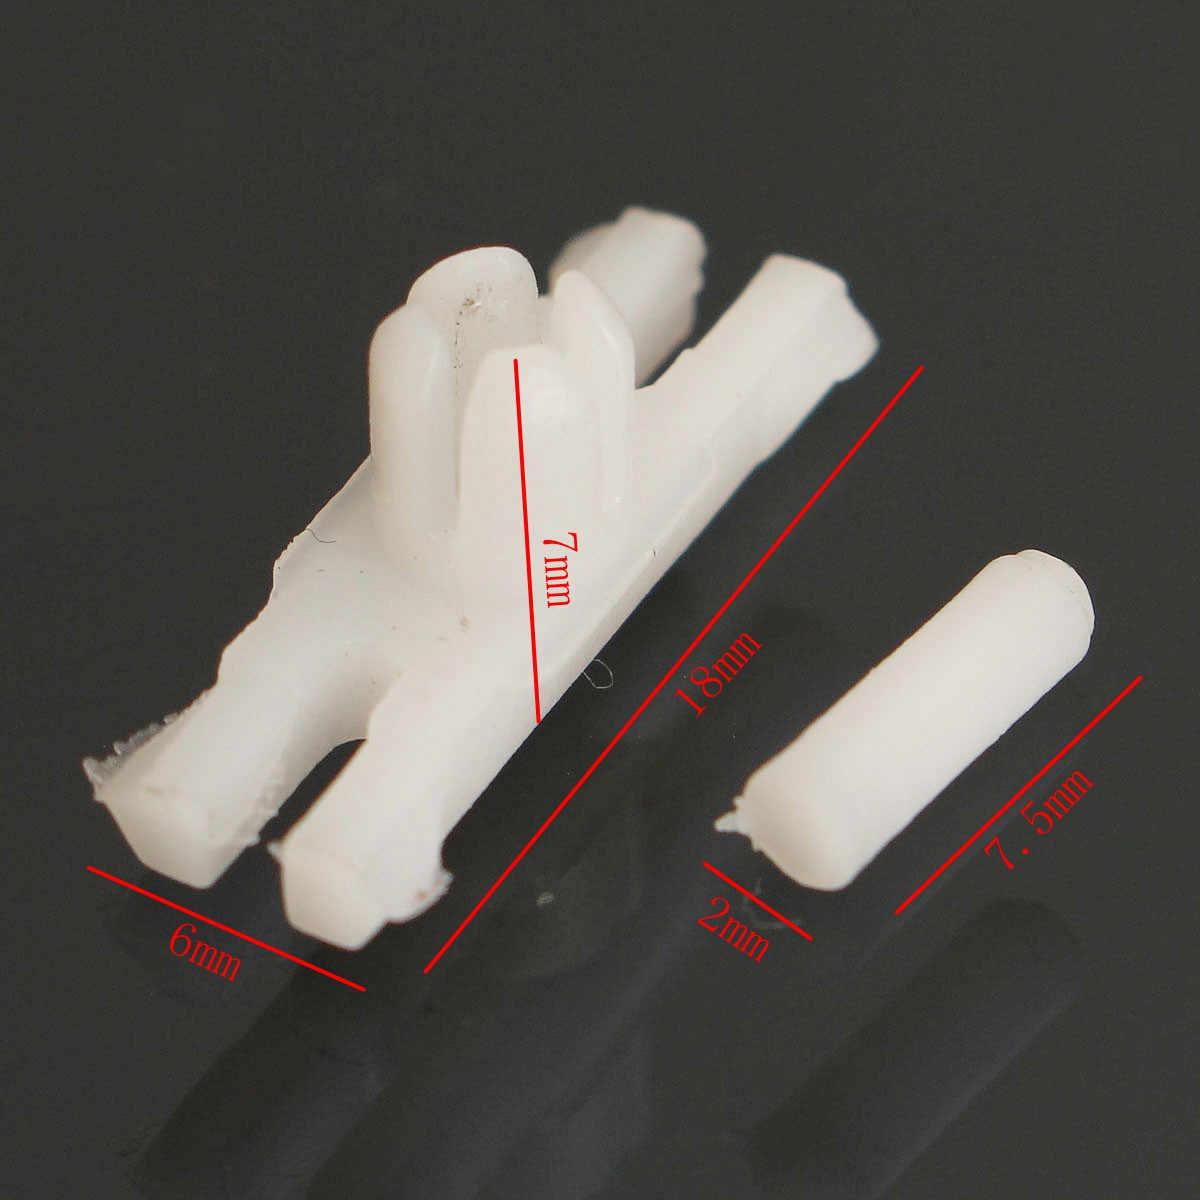 10 adet Yan kapı pervazı Kalıplama Şerit Oto Bağlantı Elemanları plastik klipler için VW/GOLF/MK1/Jetta Eski Beetle